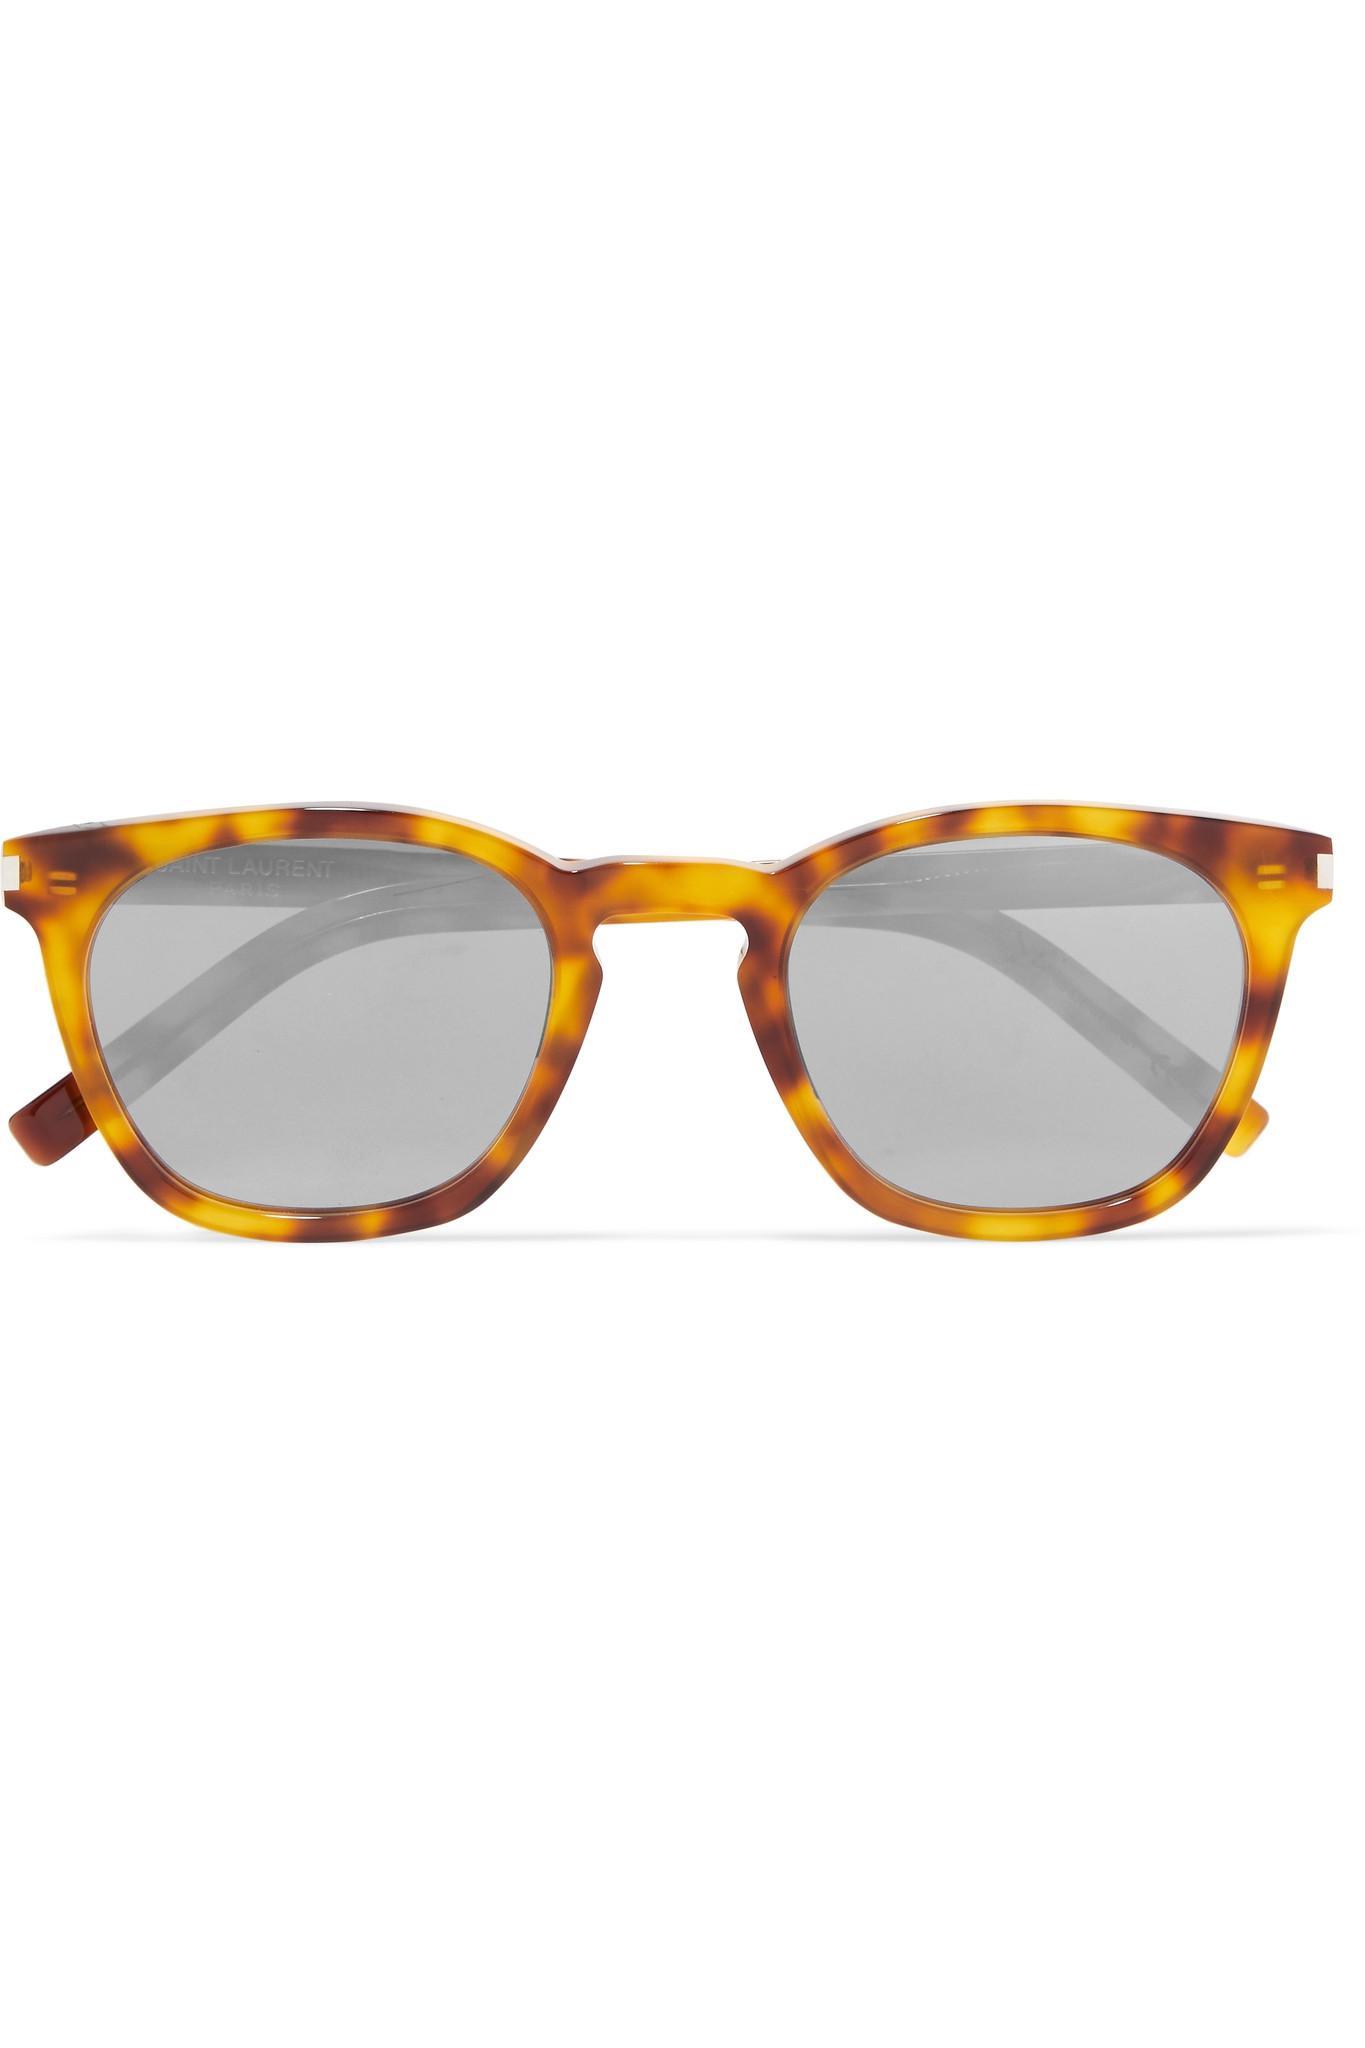 1a2373c2033 Saint Laurent. Women s Brown Cat-eye Tortoiseshell Acetate Mirrored  Sunglasses